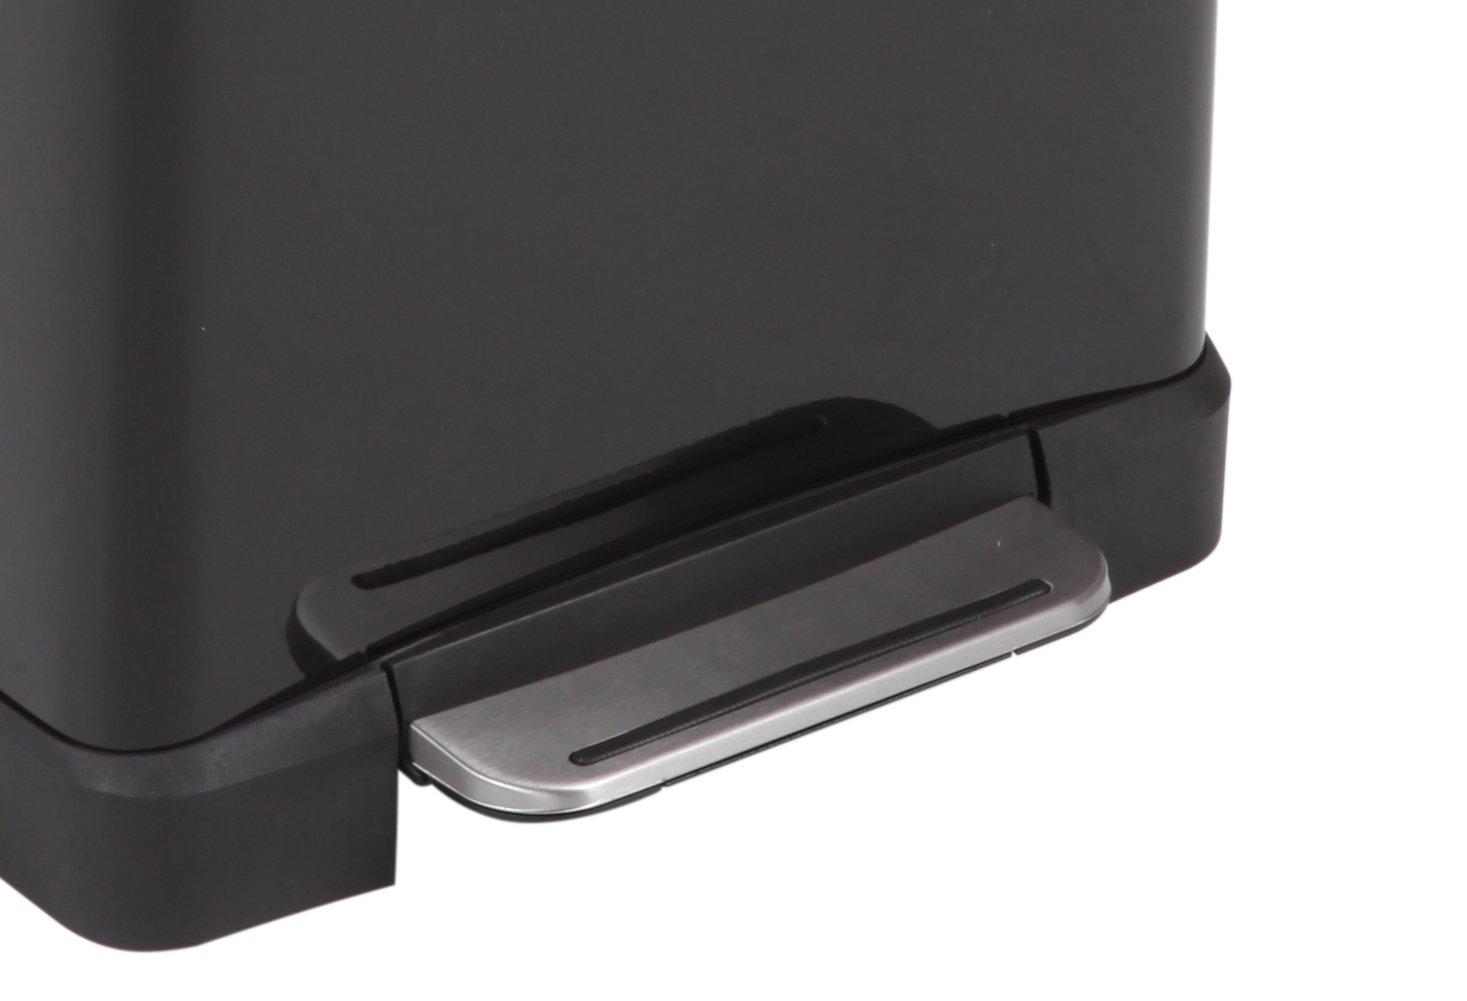 Metallo 34.5 x 50 x 65 cm Eko Pattumiera a Pedale e di Cube Metallo Nero Opaco